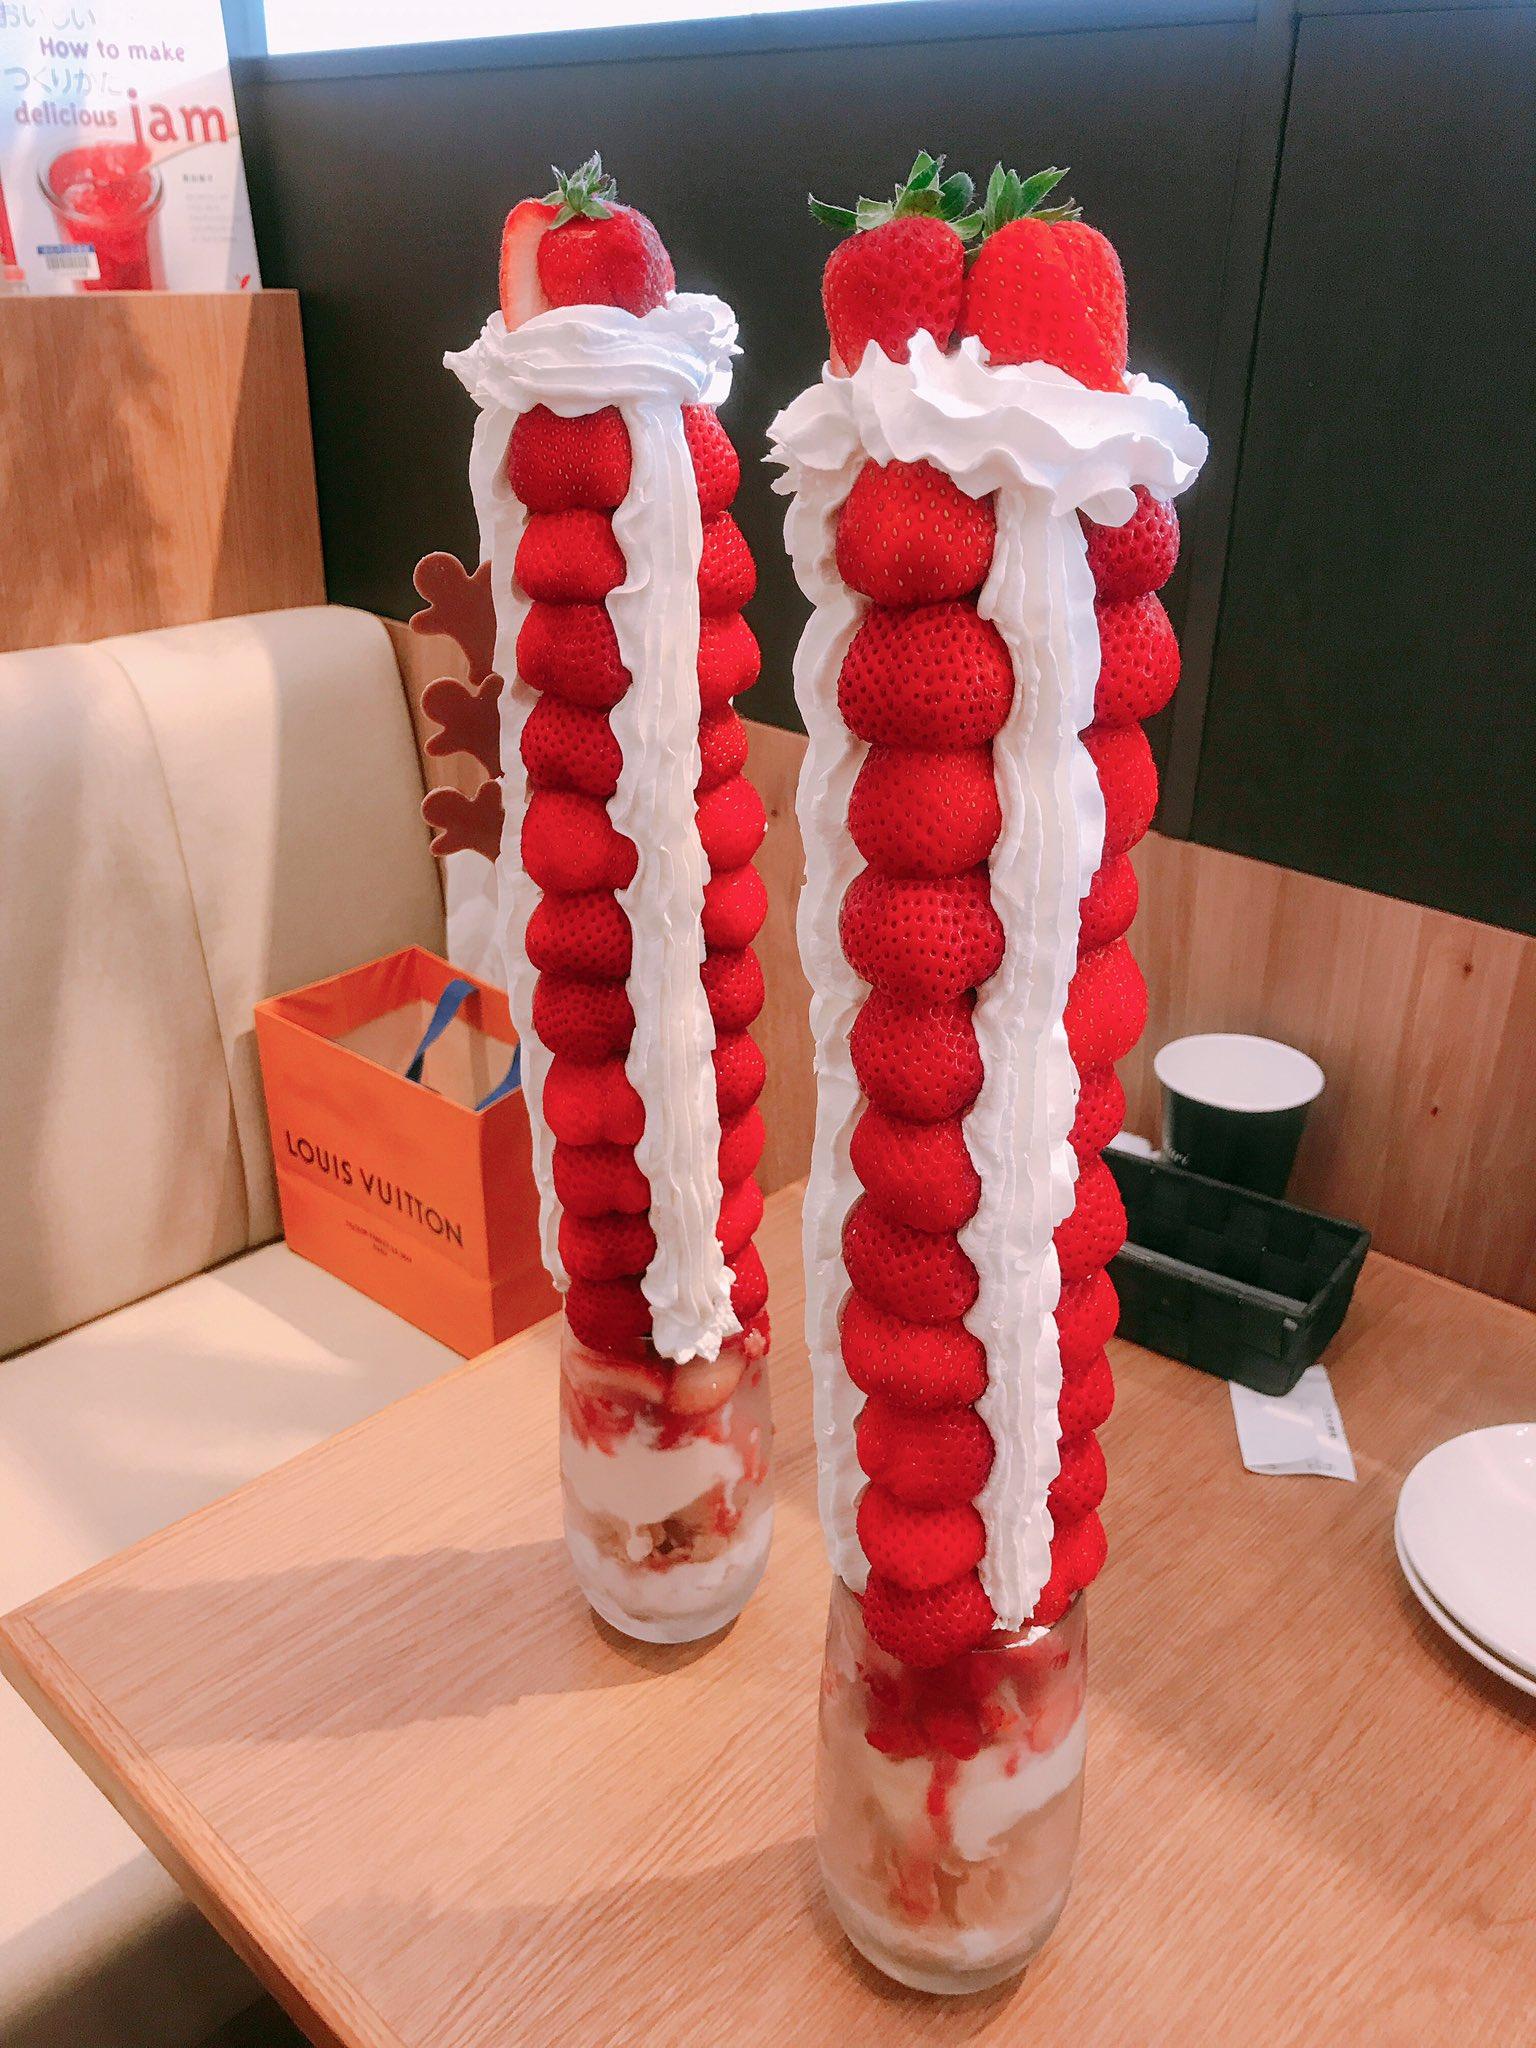 これが『マウントエベレスト 』だー!!<br>見ろー!見てくれー!ぐわー!!!<br><br>写真でもすごいけど、これがテーブルに運ばれてくると「やばい…やばい…」しか言えなくなります。大阪のカフェ、All day dining Hikariさんの山登りいちごパフェを食べてきました。